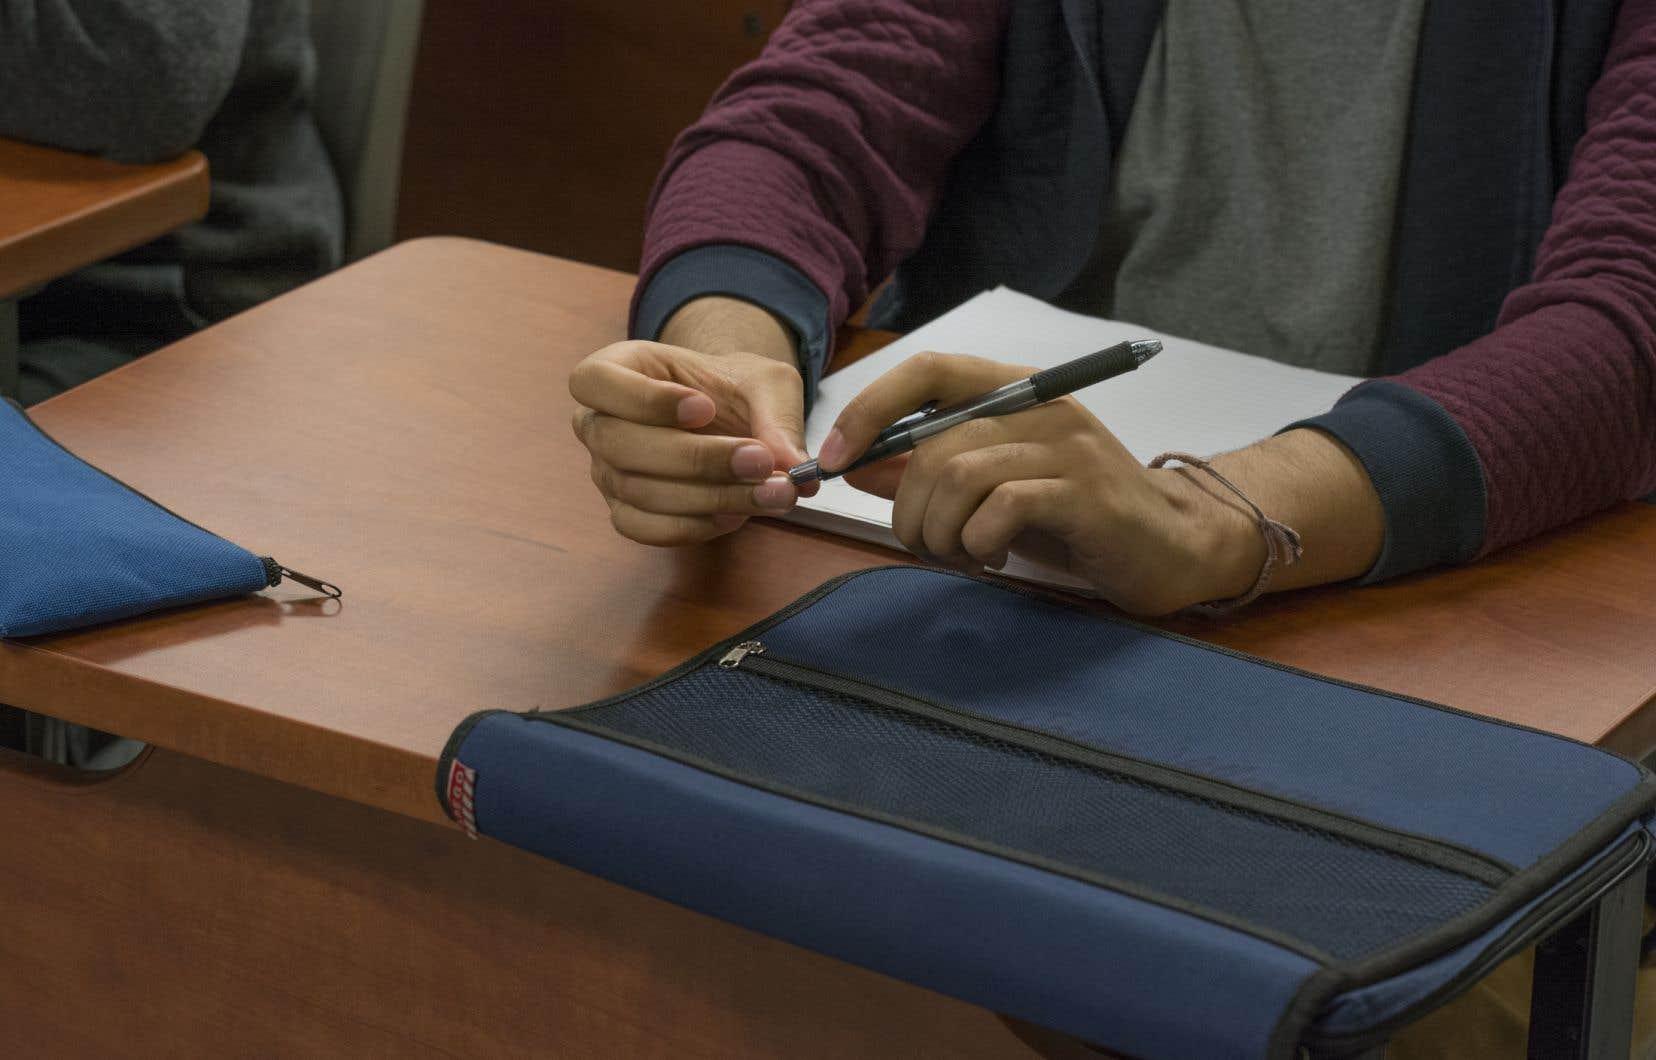 En novembre dernier, la ministre de l'Enseignement supérieur, Danielle McCann, avait lancé une enquête sur dix collèges privés non subventionnés. Québec avait indiqué avoir des doutes sur la qualité de l'enseignement au sein de ces établissements et s'inquiétait de certaines pratiques jugées douteuses sur le recrutement international, notamment en Inde.